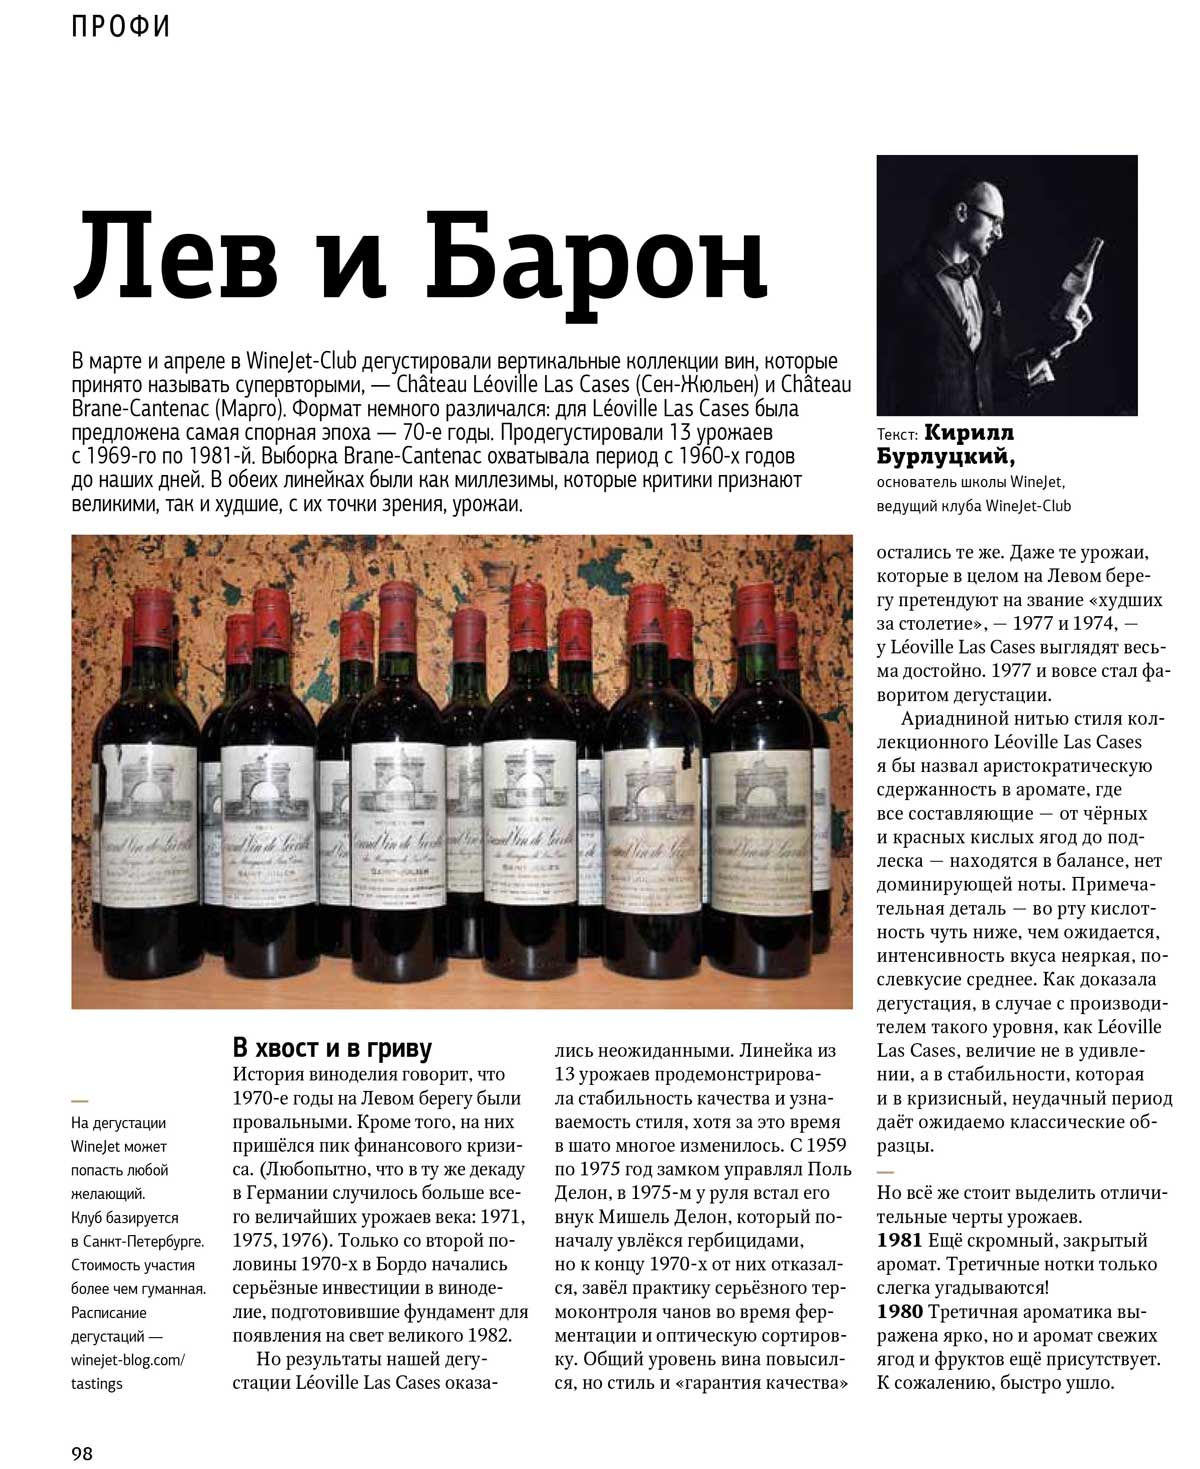 Simple Wine News